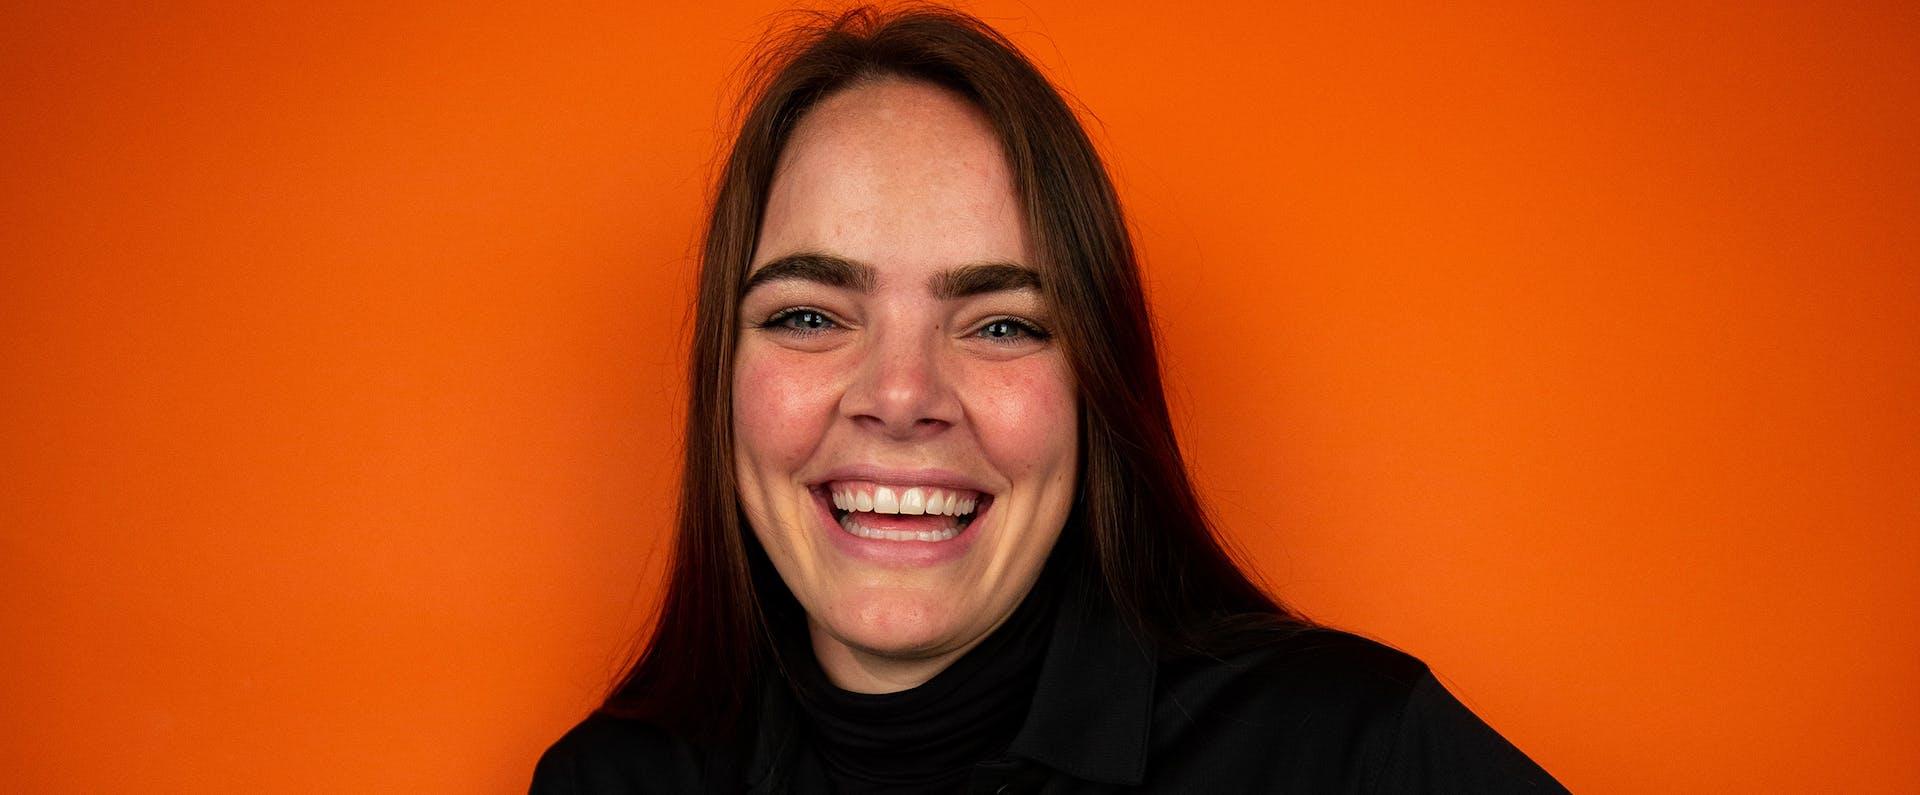 Gwen Svekis